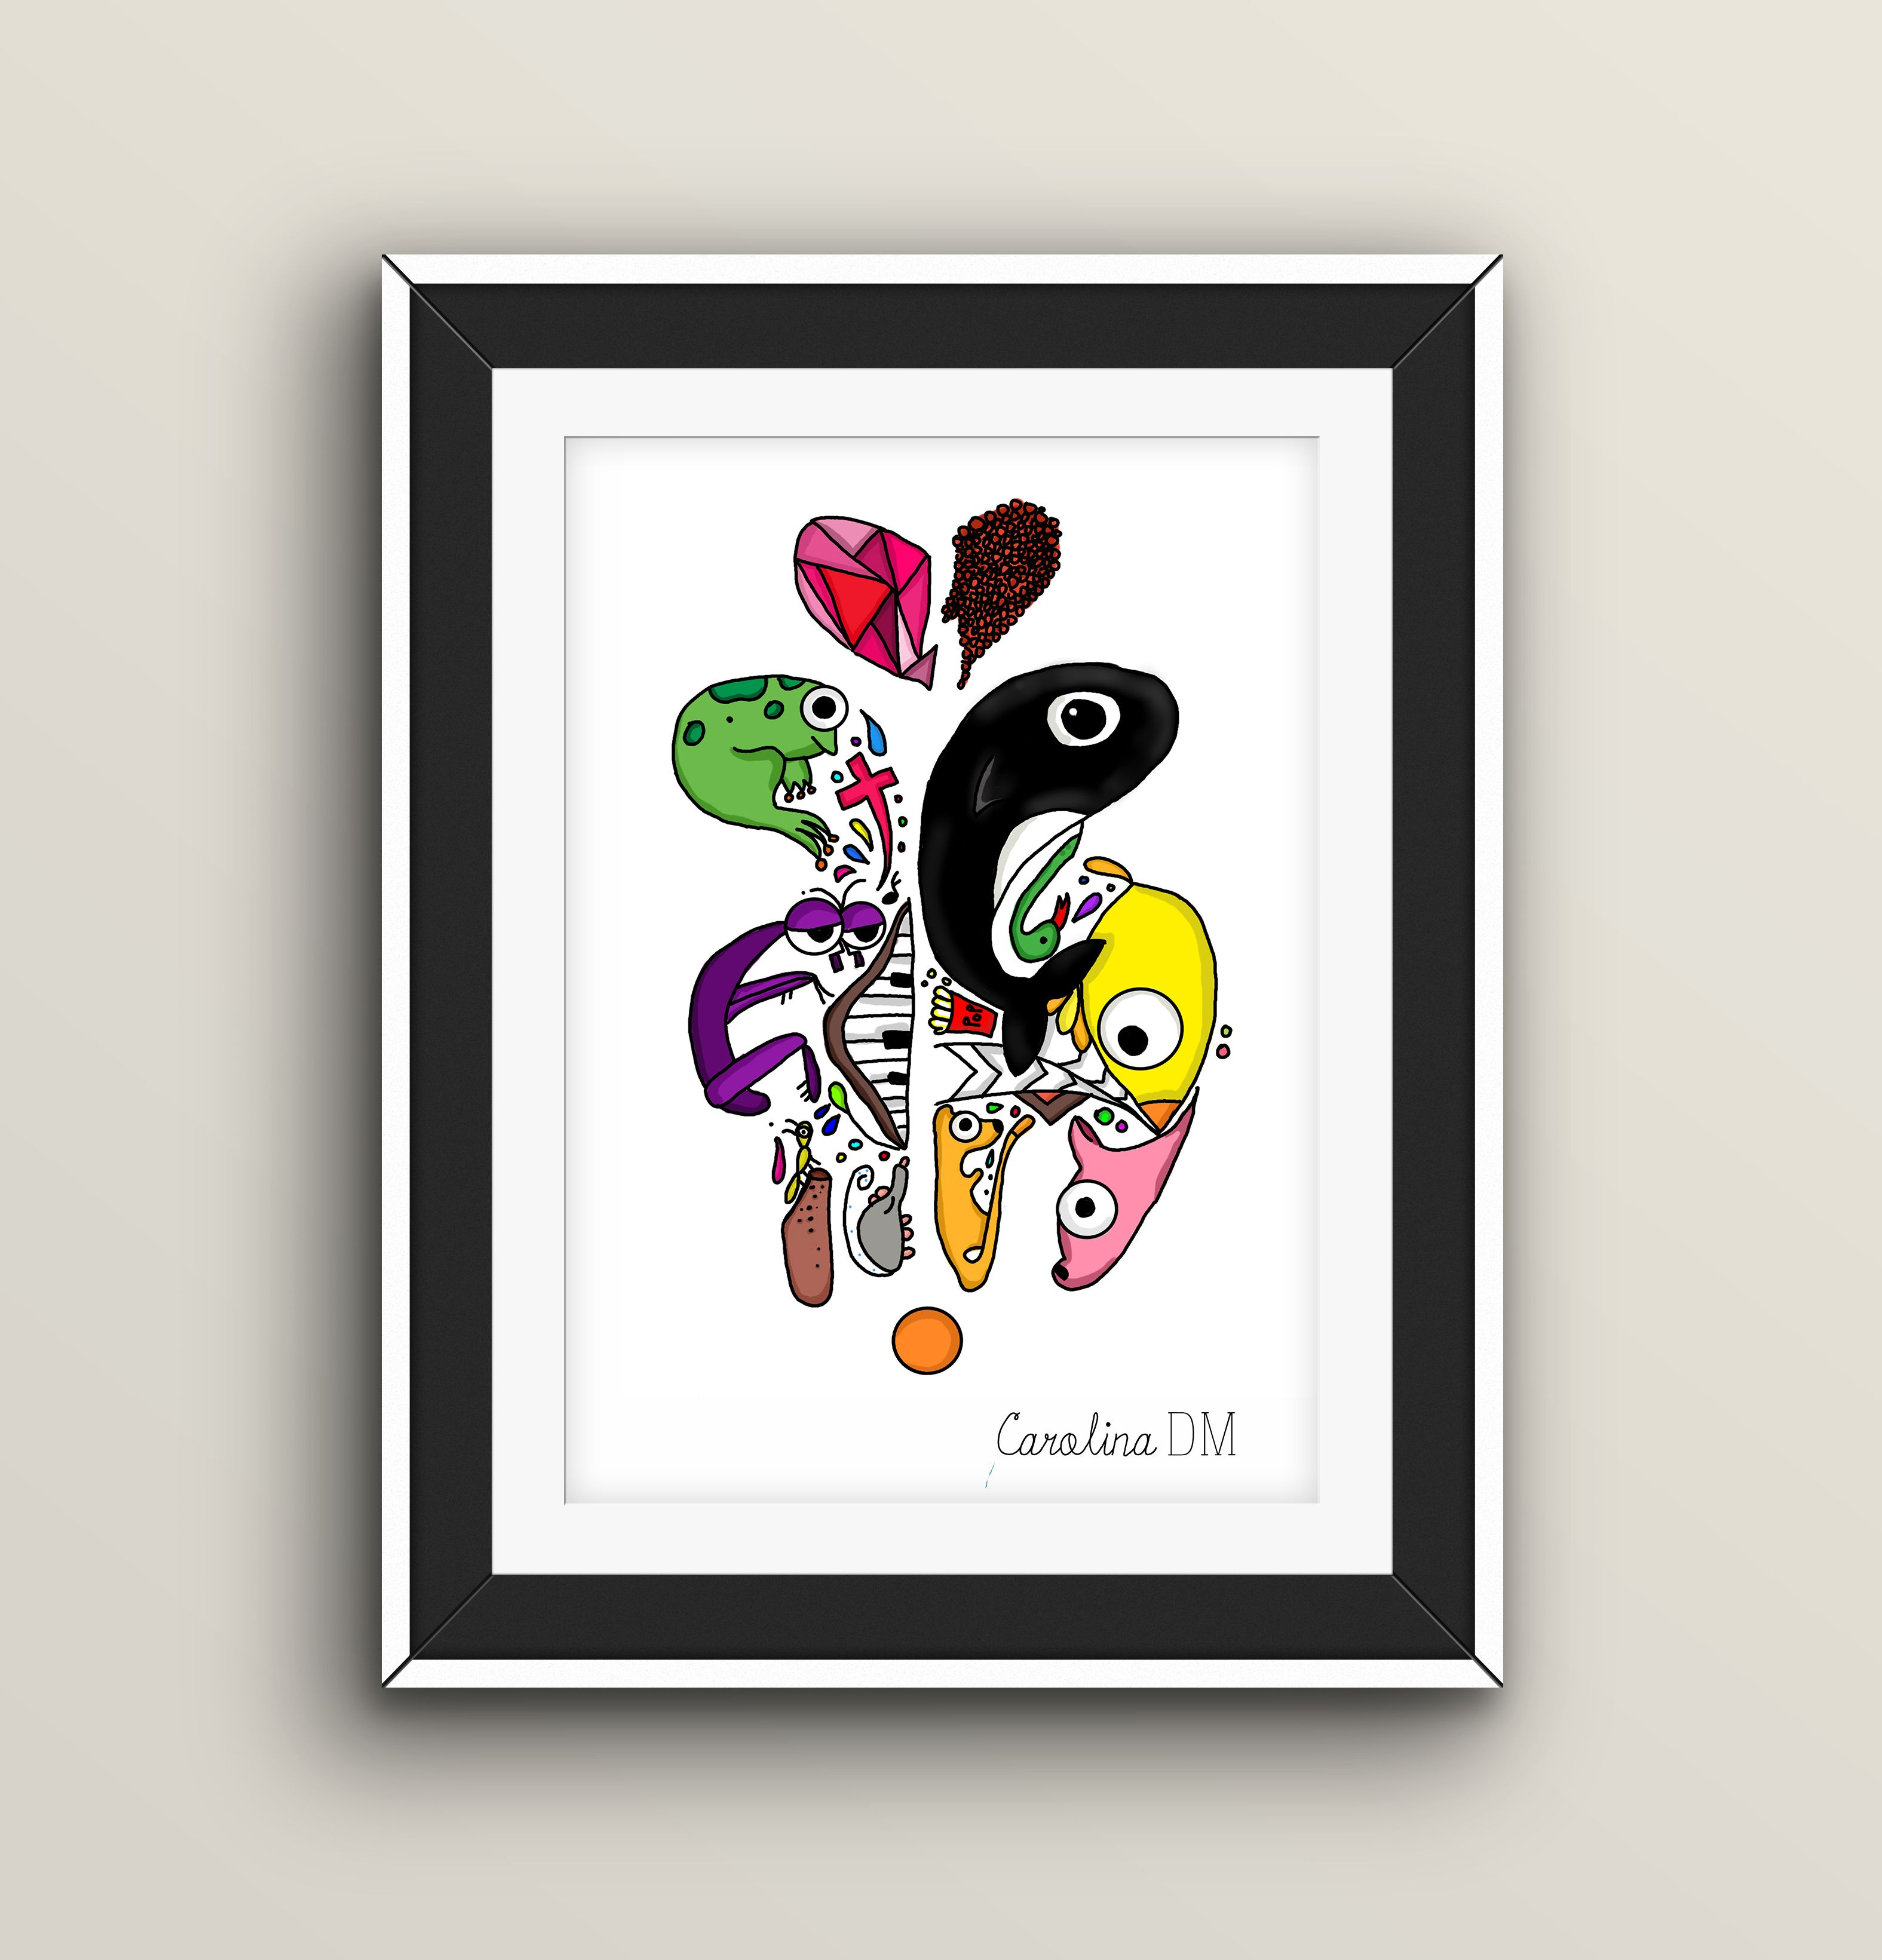 Gemelos #ilustracion #illustracion #mexico #cuu #carolinadm #ink #diseño #desing #diseñografico #art #animals #animales #ilustracionmexico #chihuahua #dibujo #animación